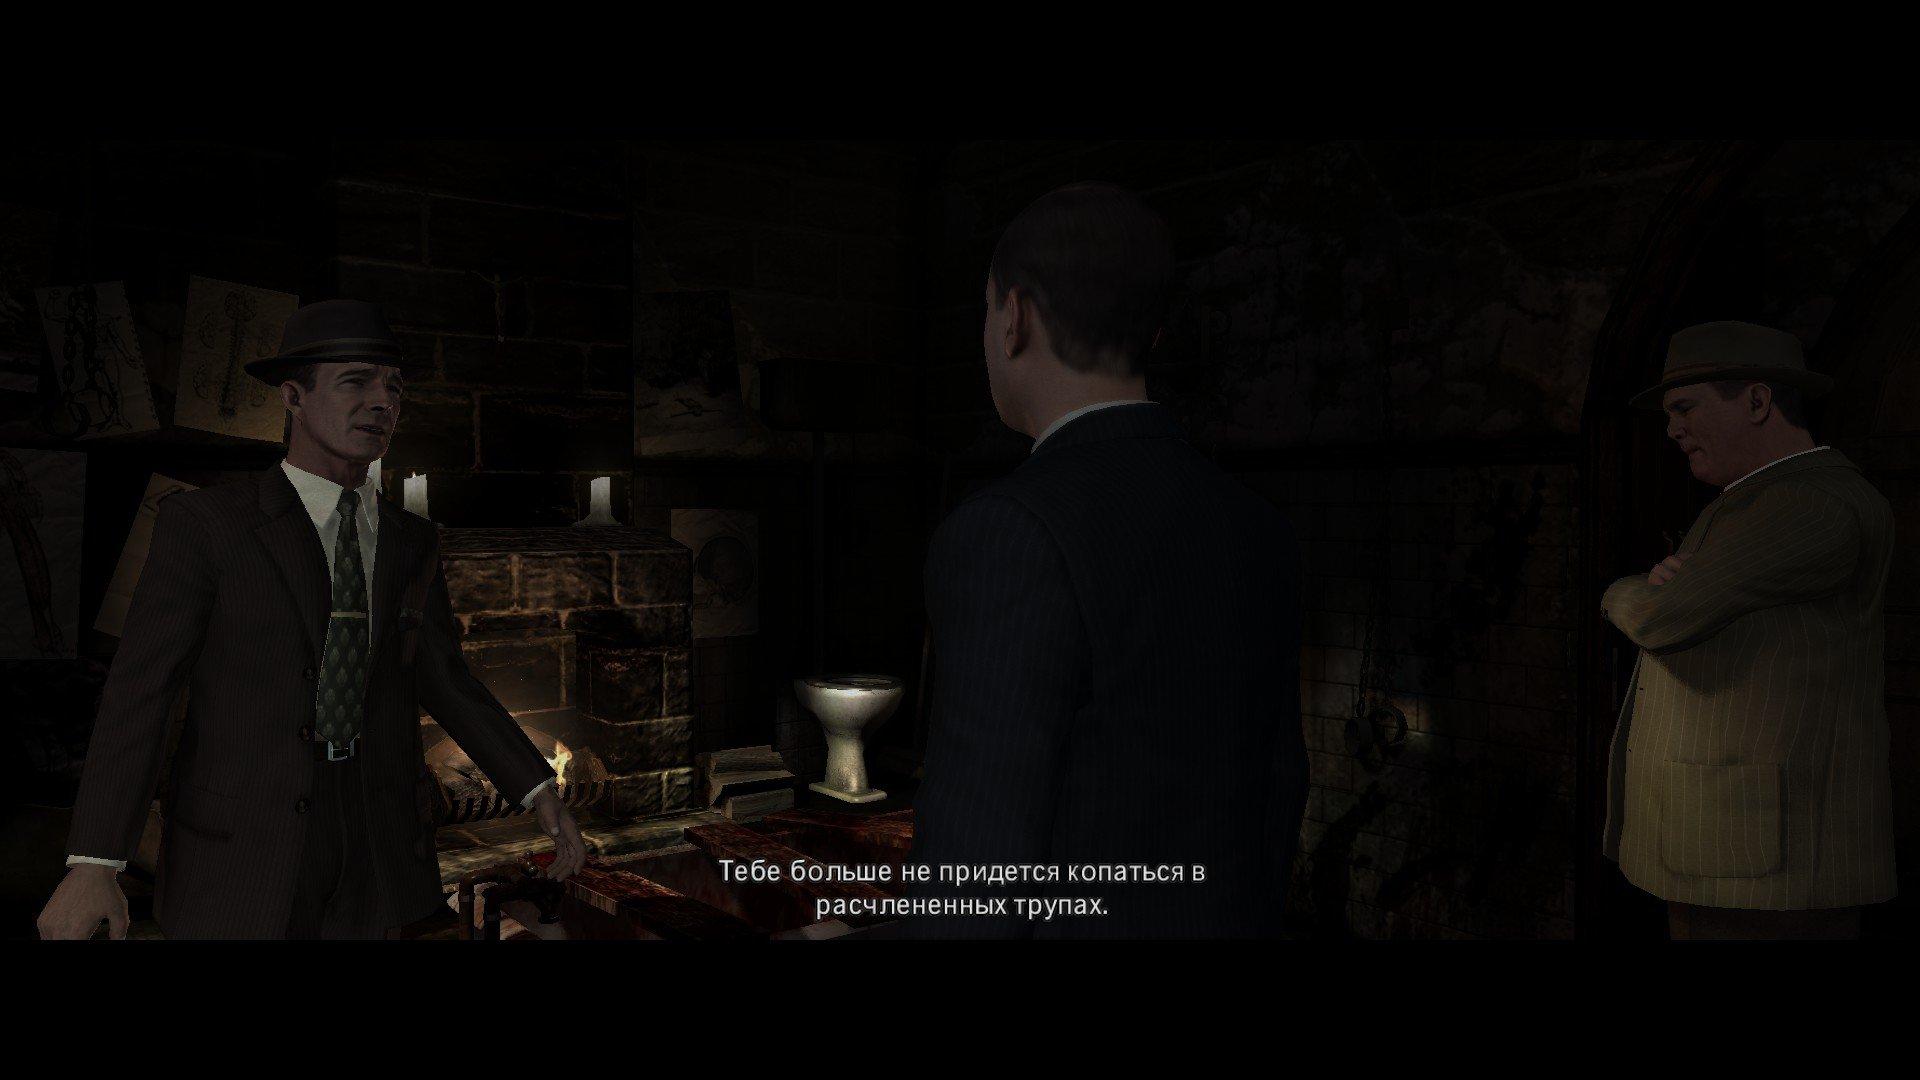 Пост-прохождение L.A. Noire Часть 13 - Изображение 60